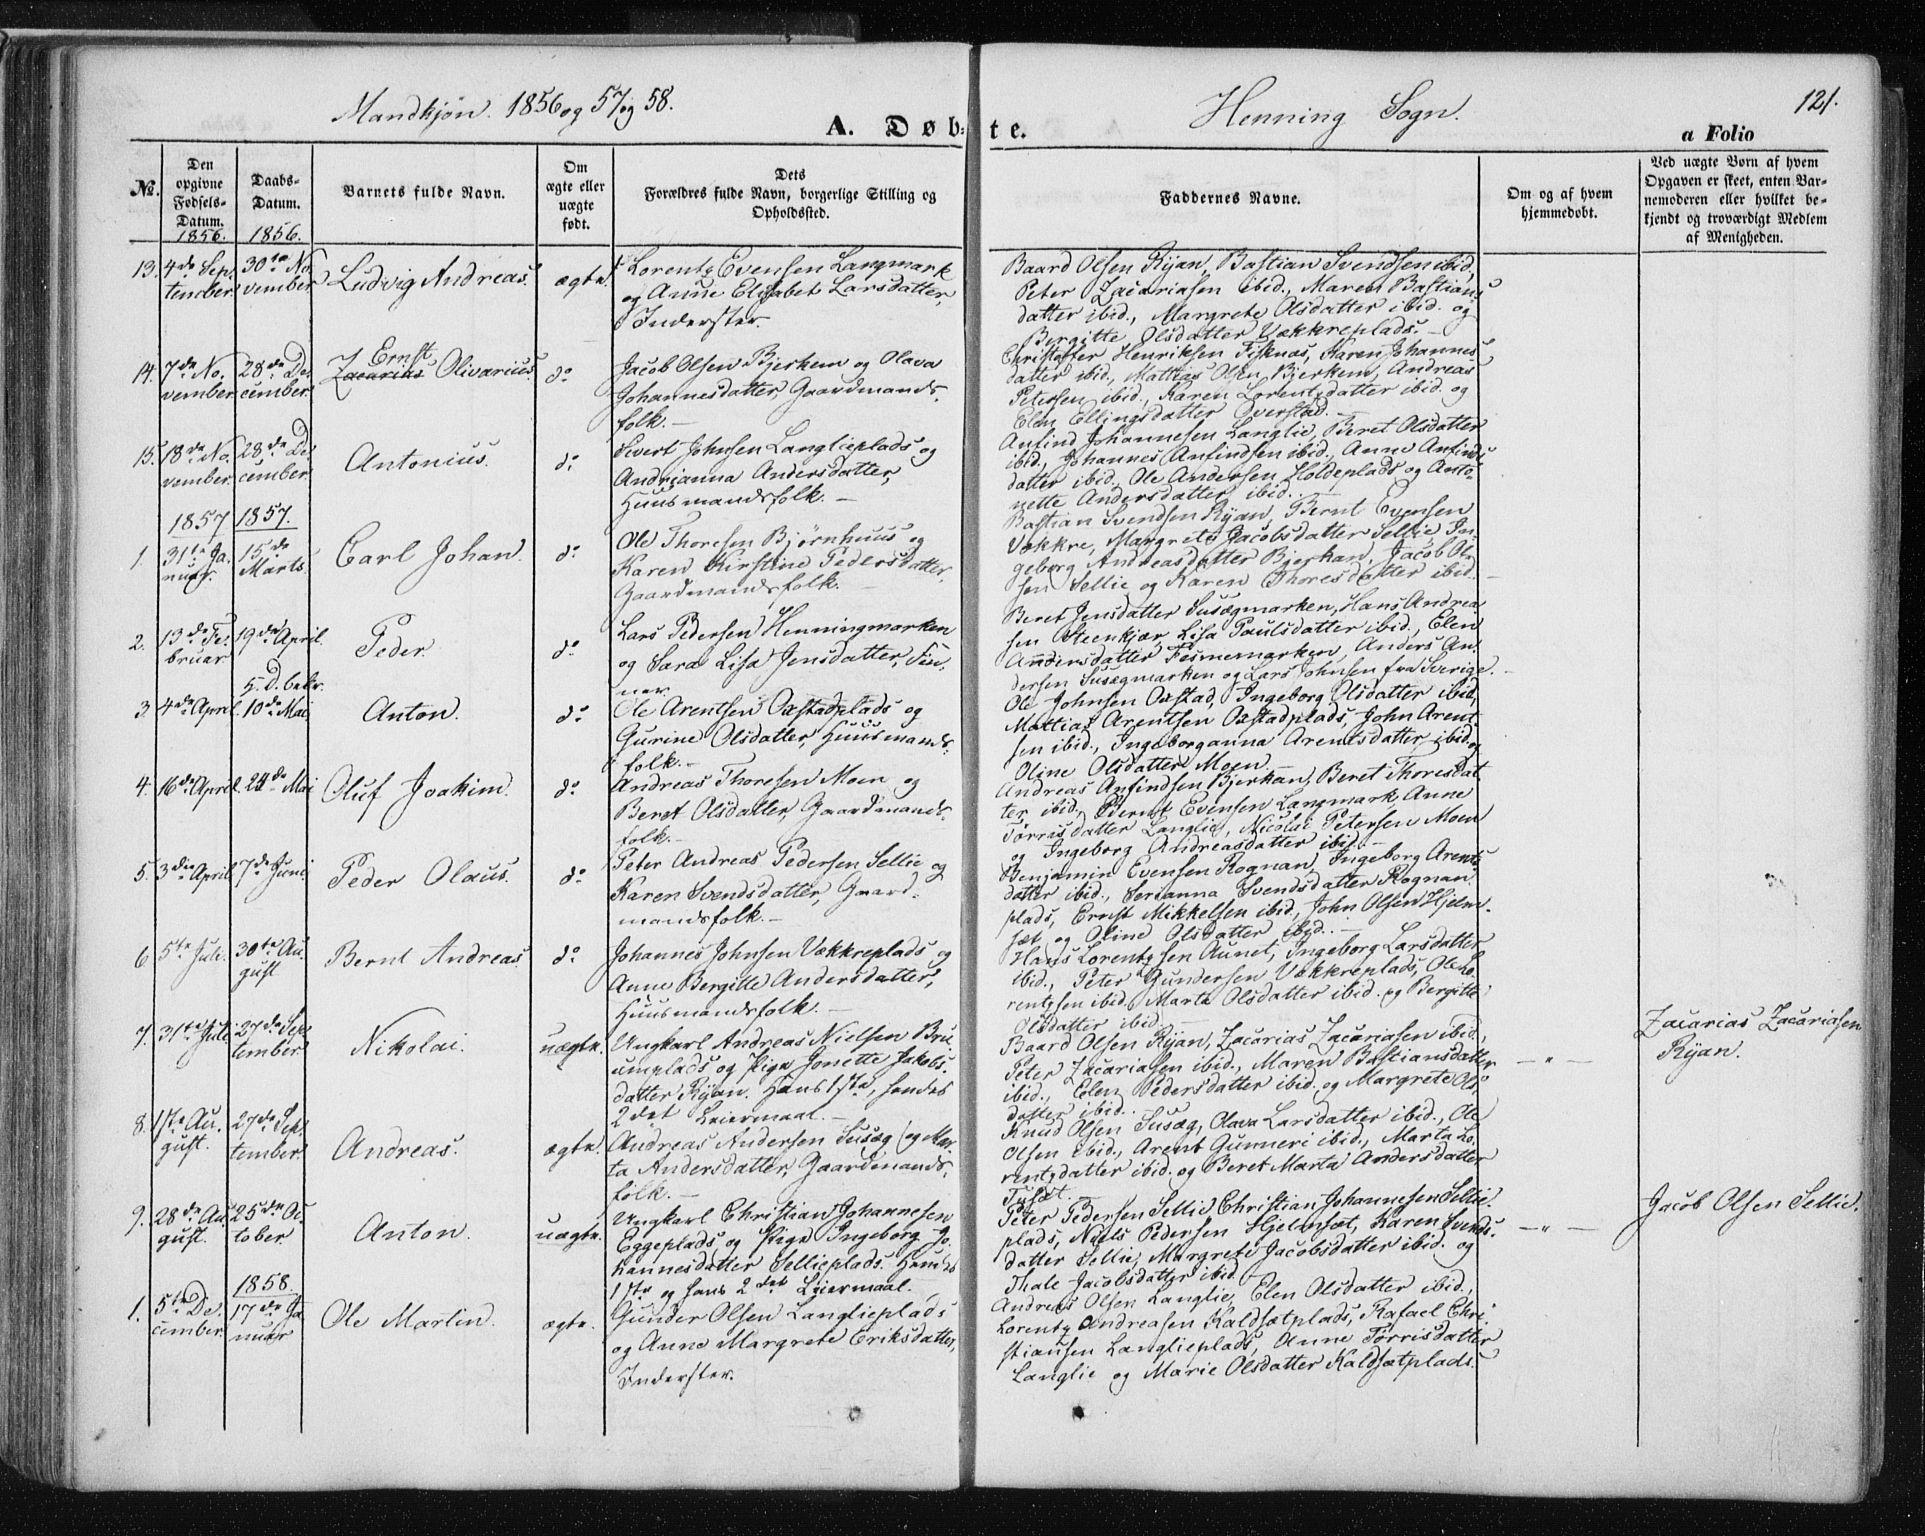 SAT, Ministerialprotokoller, klokkerbøker og fødselsregistre - Nord-Trøndelag, 735/L0342: Ministerialbok nr. 735A07 /3, 1849-1862, s. 121